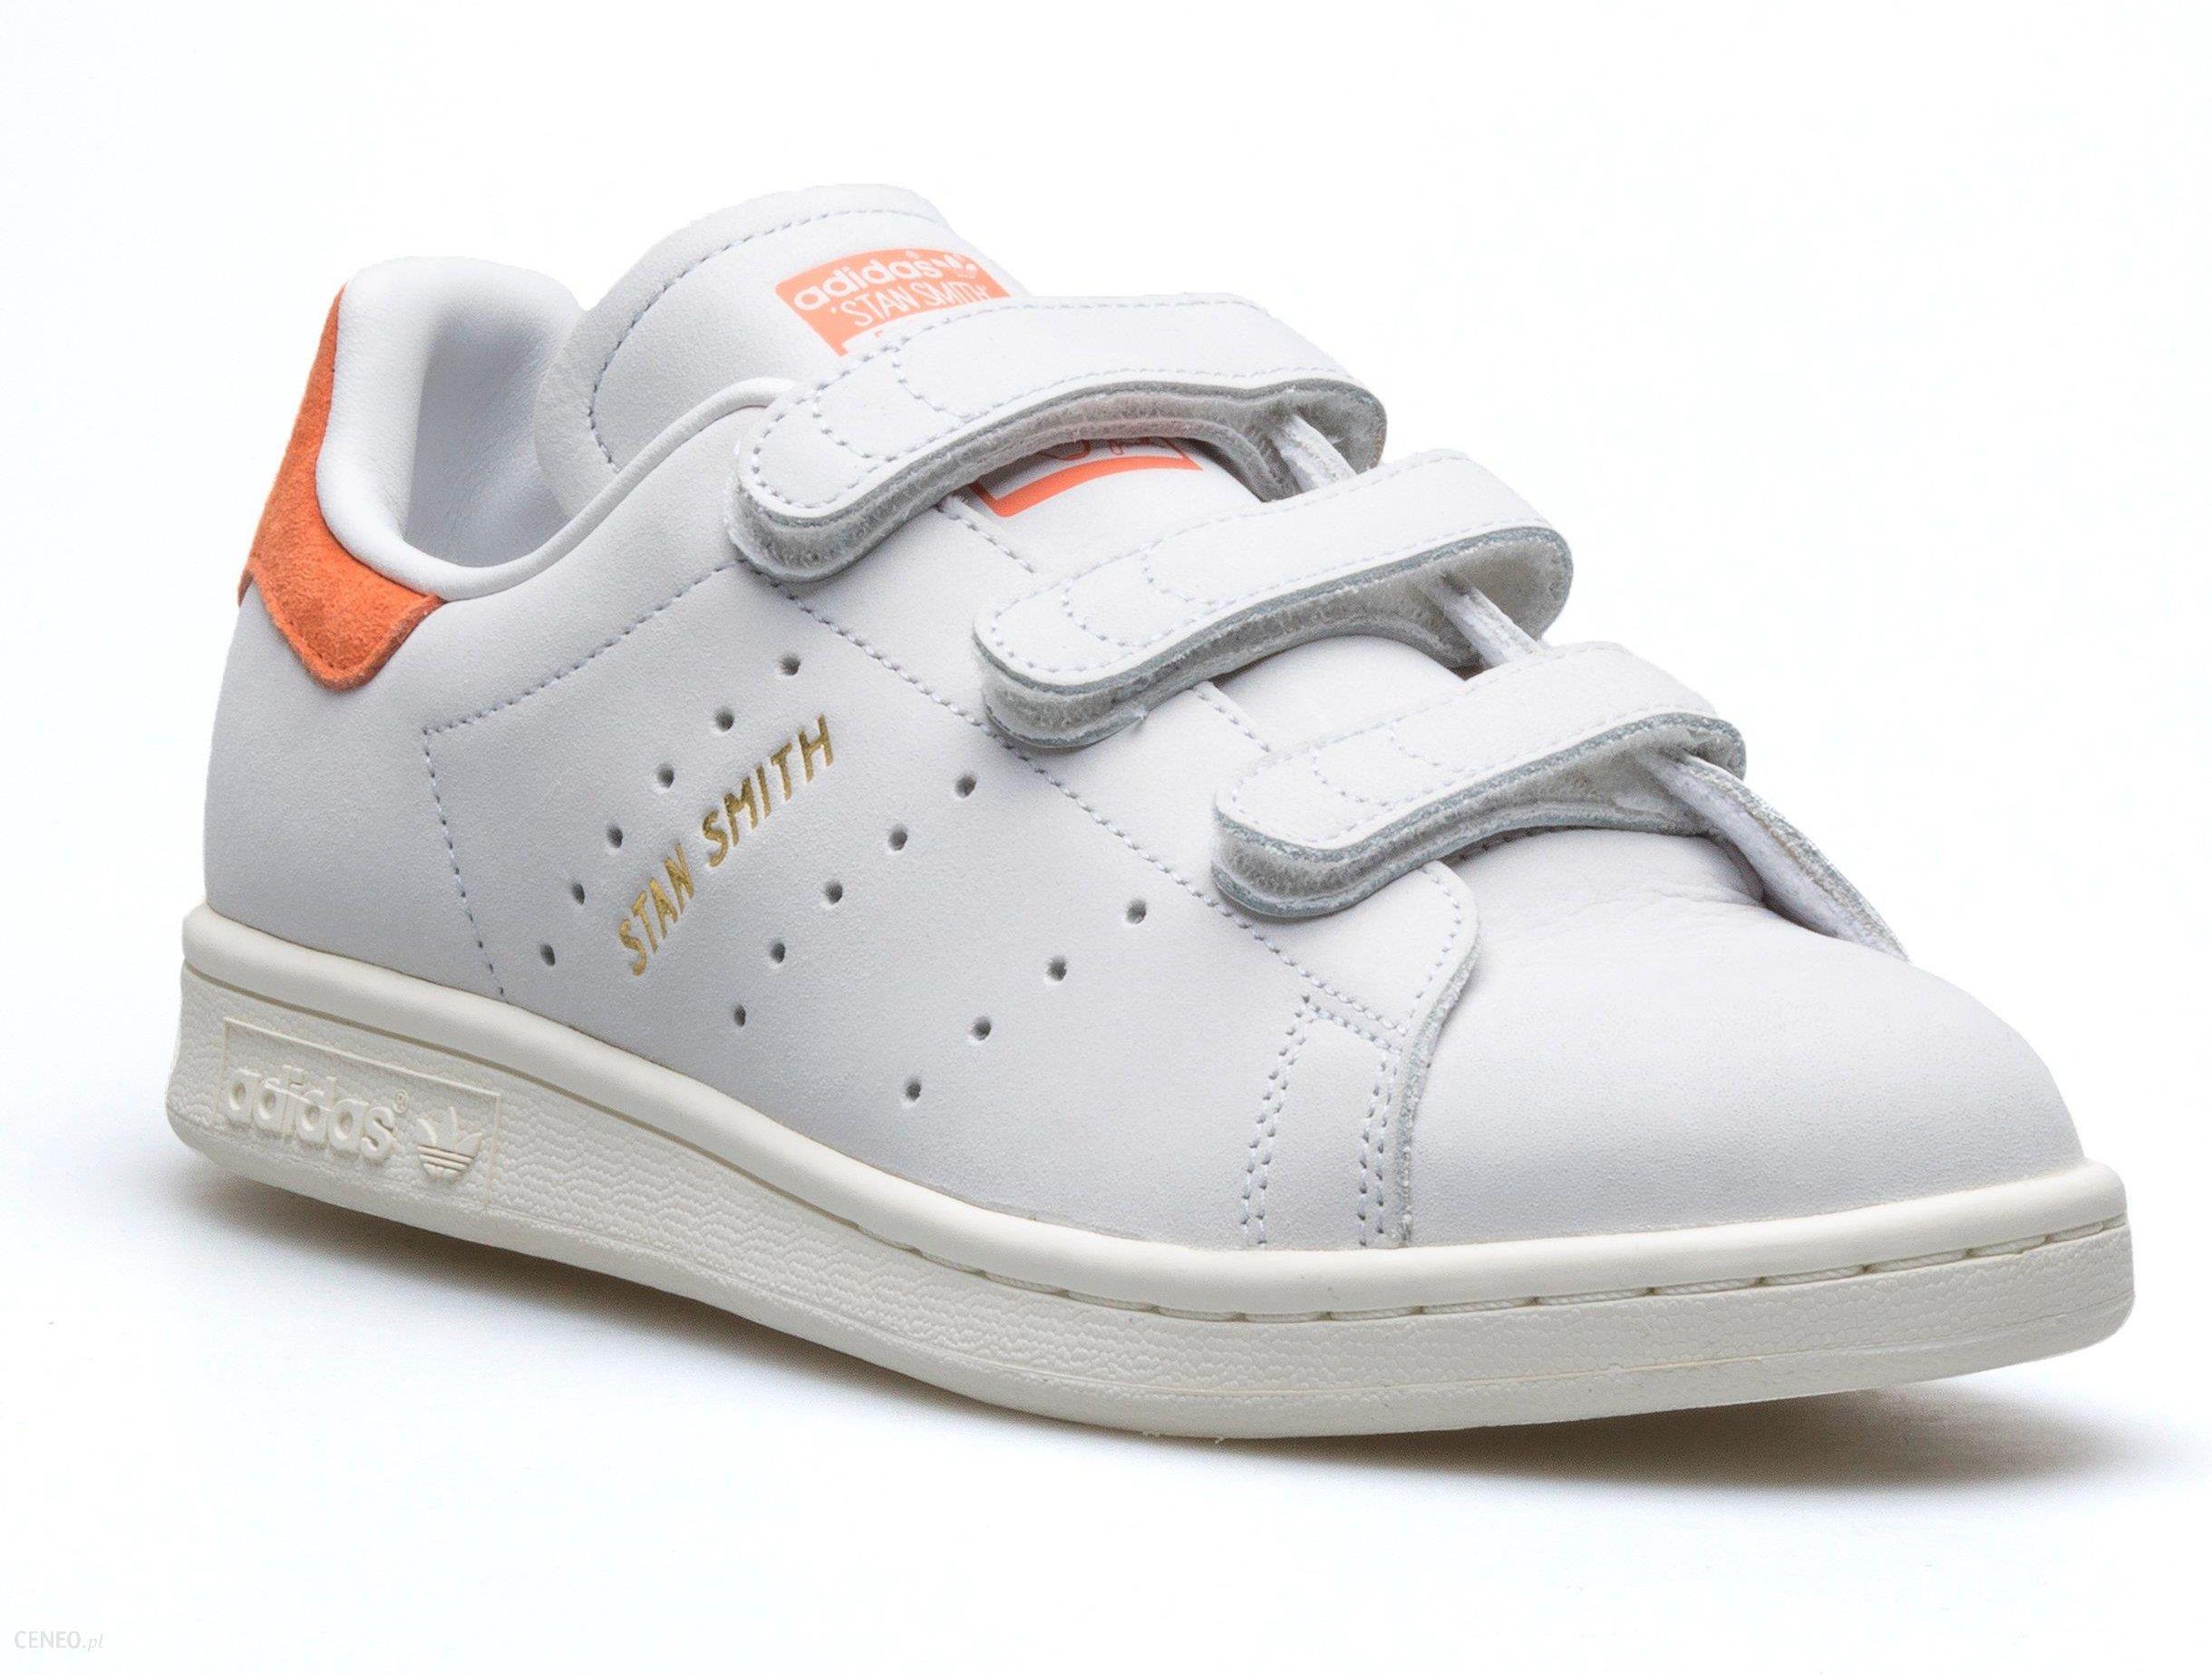 Buty damskie adidas Stan Smith Cf CQ2788 r. 40 Ceny i opinie Ceneo.pl